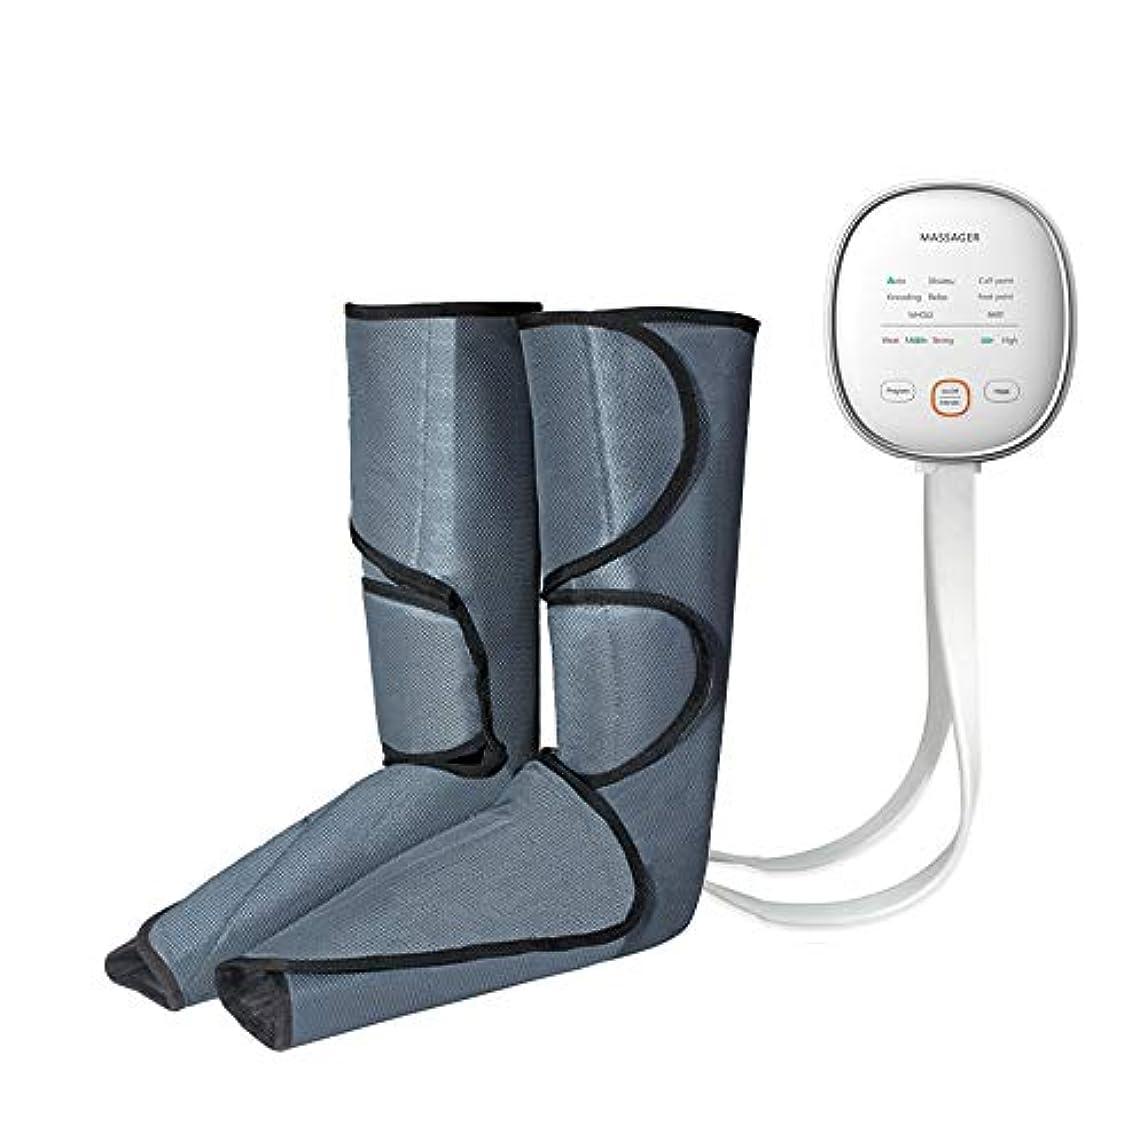 遅滞編集者分解するフットマッサージャー 足とふくらはぎ エアーマッサージャー器 温感機能 3つ段階の強さ フット空気圧縮マッサージ 睡眠 血行の促進 疲労回復 家庭用